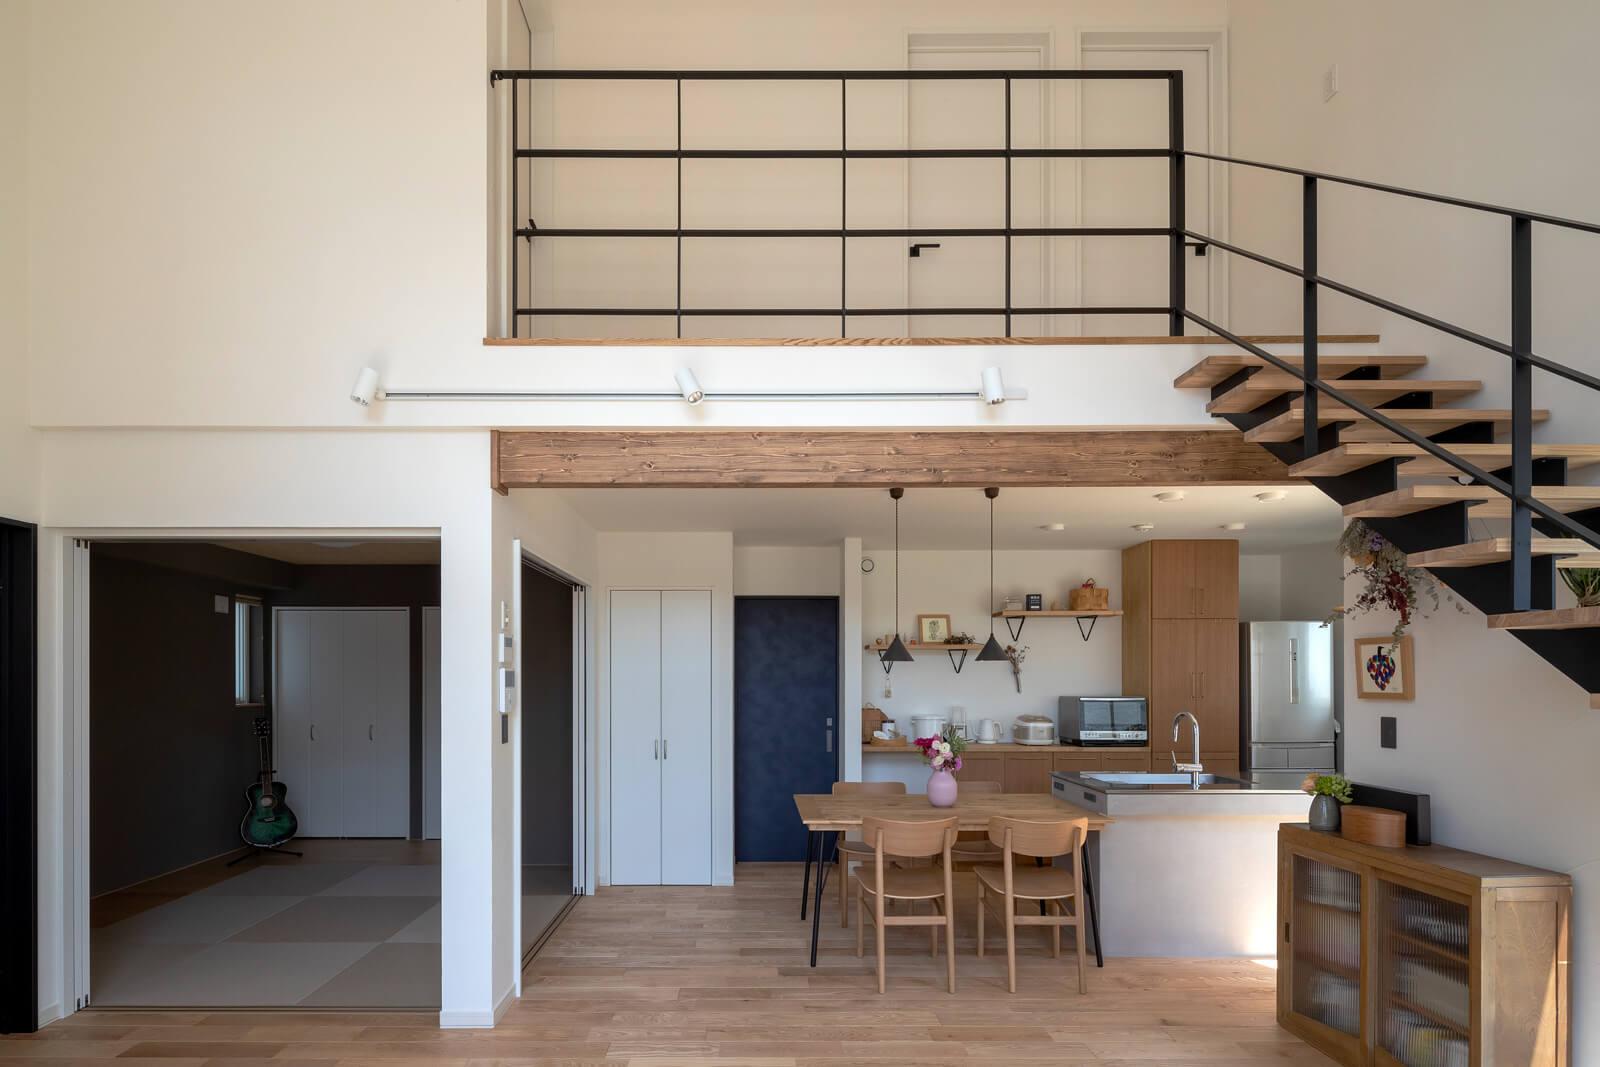 ご夫妻の希望どおり、ヨーロピアンアッシュの無垢フローリングと天然石塗り壁を採用したLDKは、アイアンの黒をアクセントに。リビングの一角に設けた和室も琉球畳と板畳を採用し、モダンに仕上げた